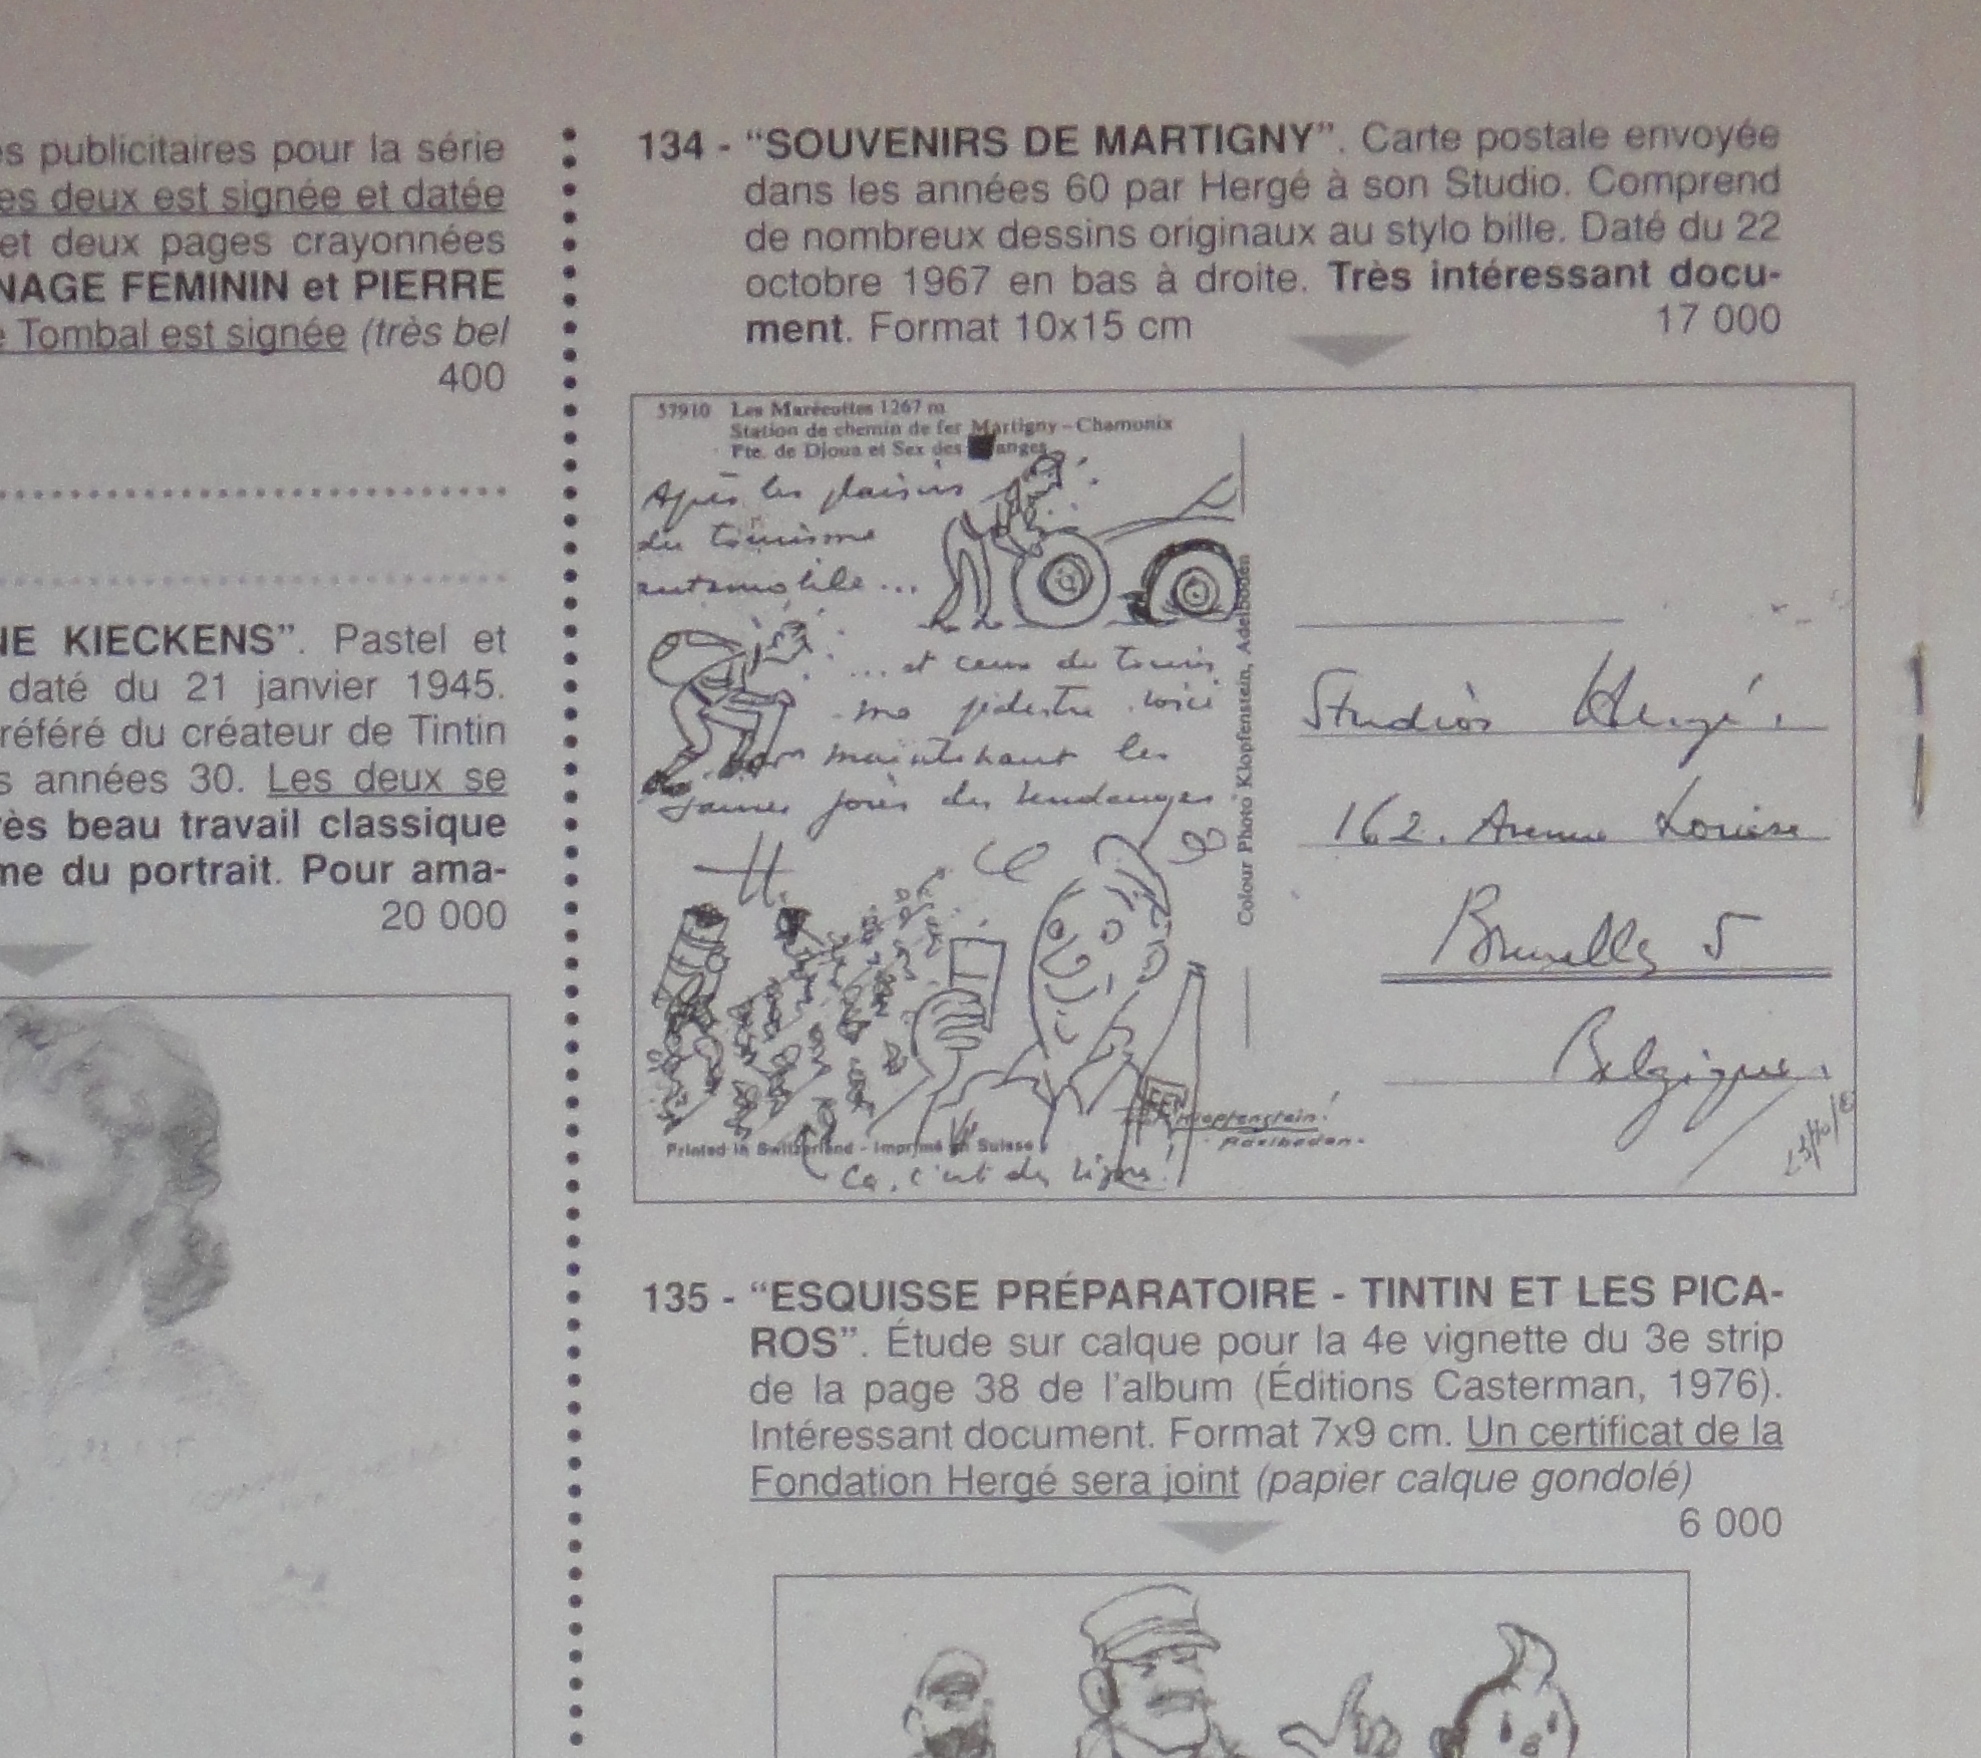 1967 autoportraits vacances en suisse par herg illustration - Vente par internet suisse ...